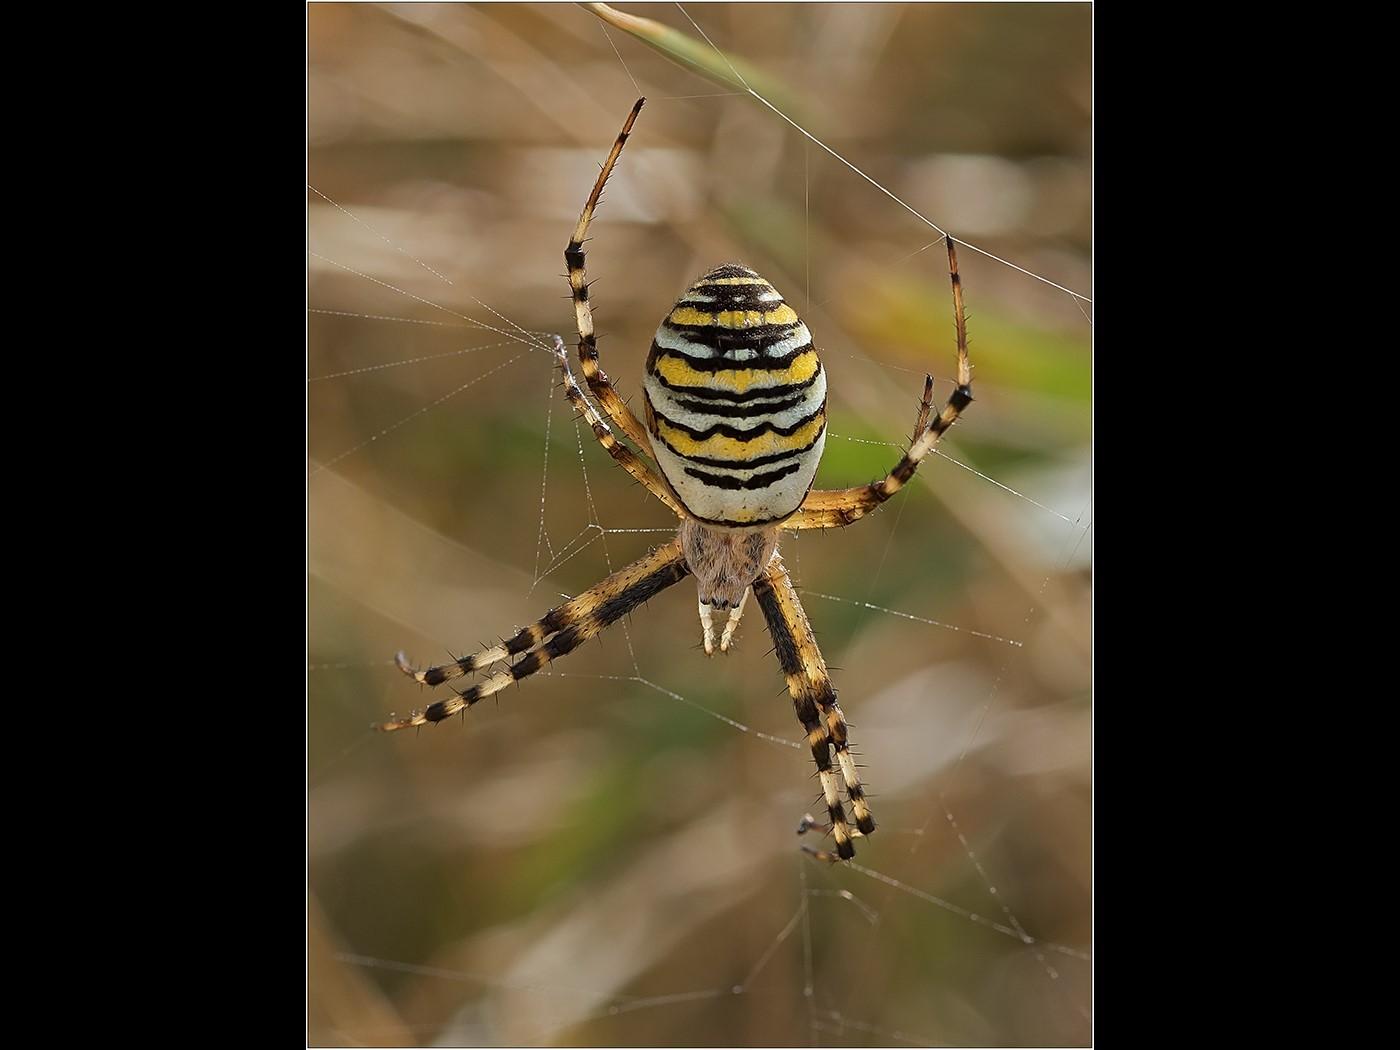 Wasp Spider - Minsmere